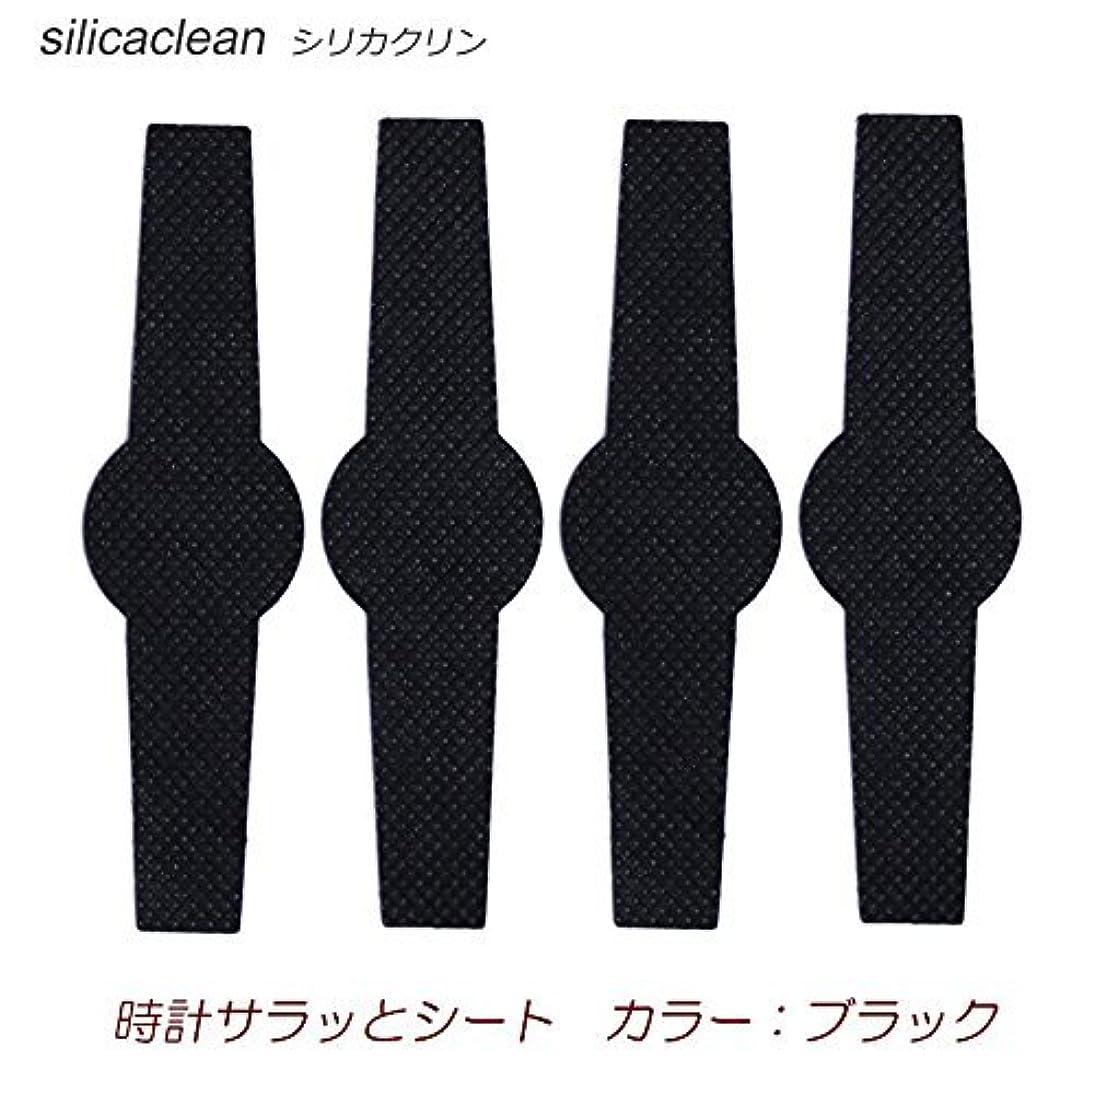 幹ばかトラクターsilicaclean シリカクリン 時計のムレ?べたつき解消 時計サラッとシート4枚入2個セット (ブラック)